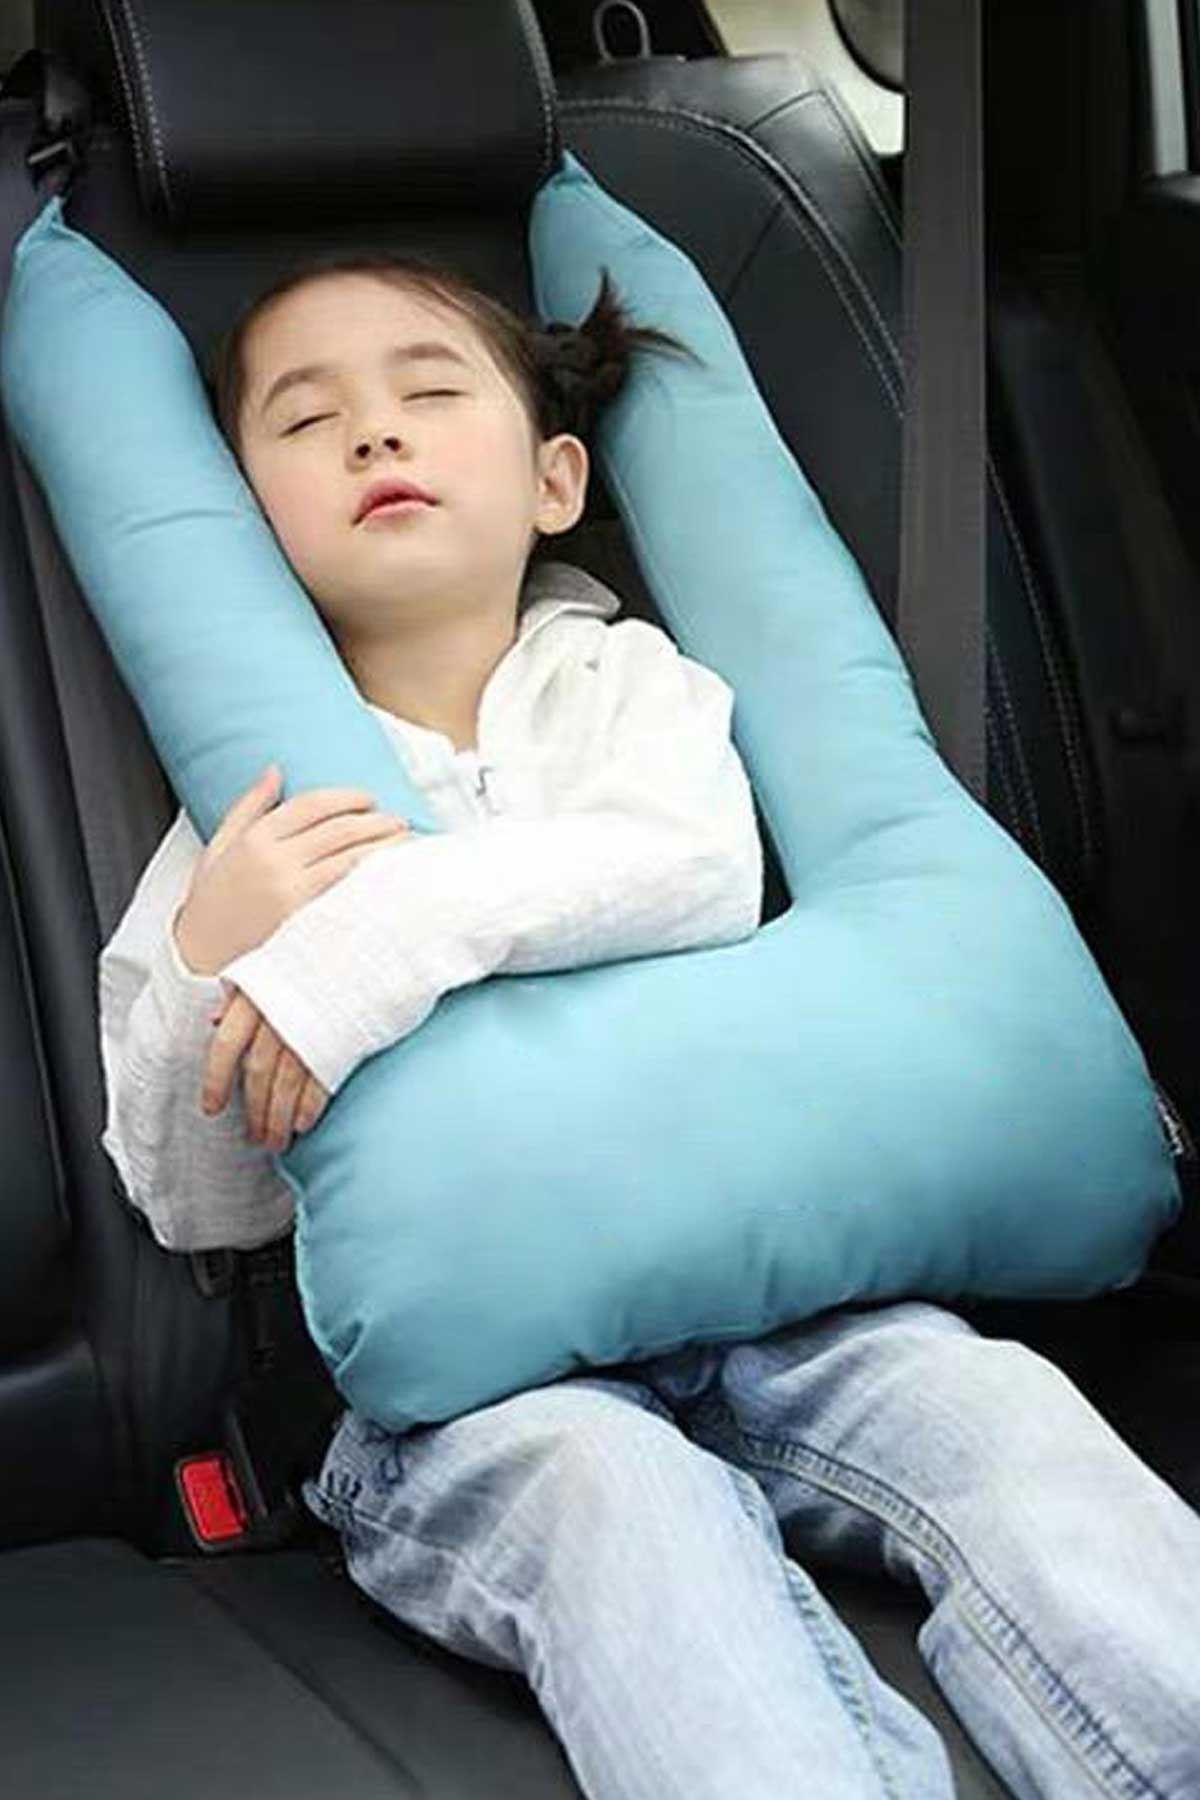 Mavi Bundera Pillow Çocuk Emniyet Kemer Yastığı Düzenleyici Oto Emniyet Kemeri Tutucu